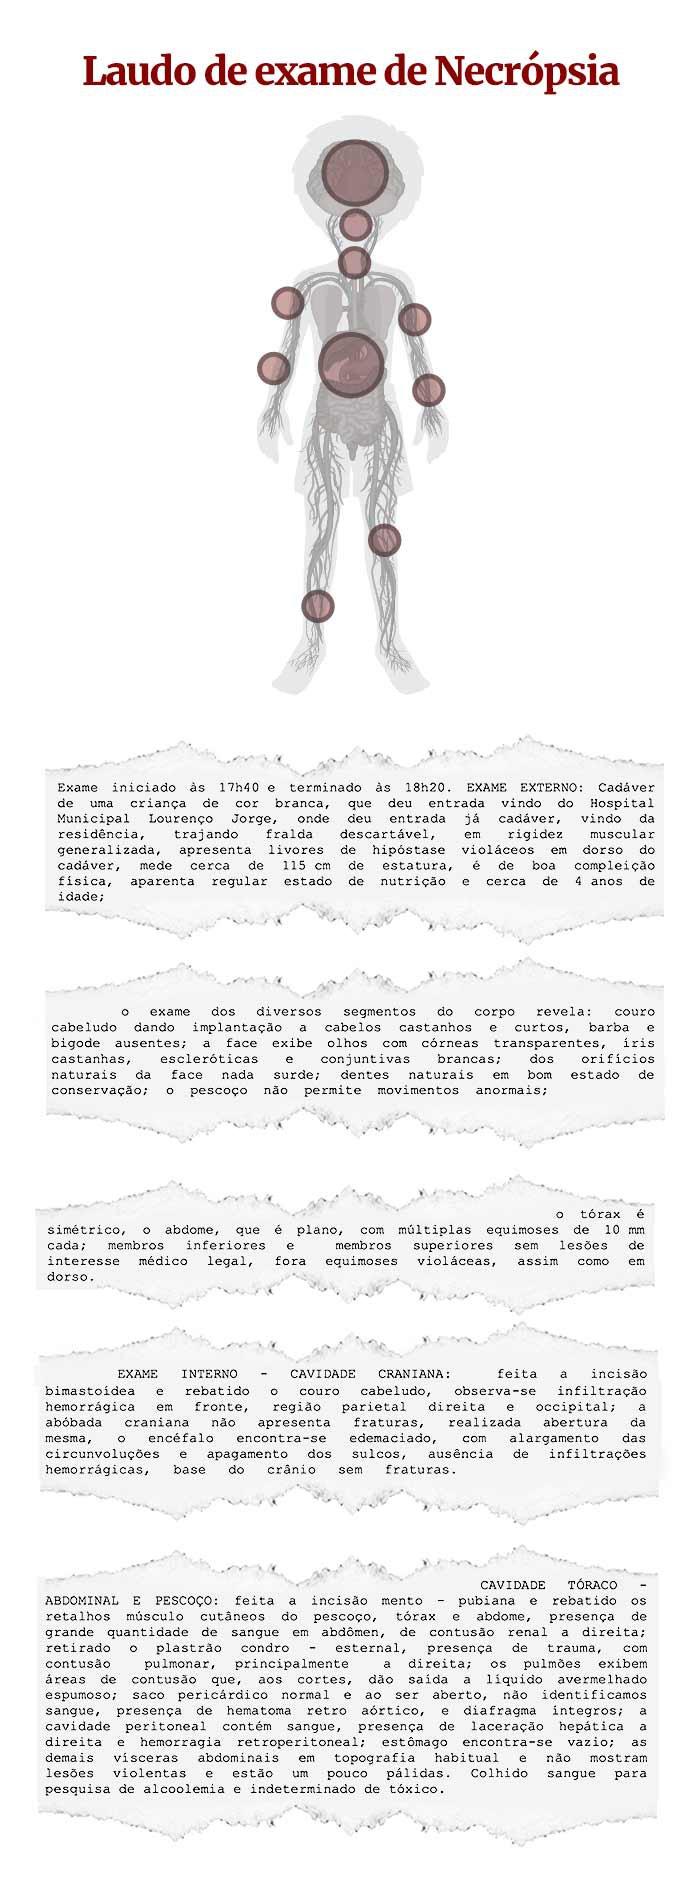 Lesões no corpo de Henry Borel Medeiros